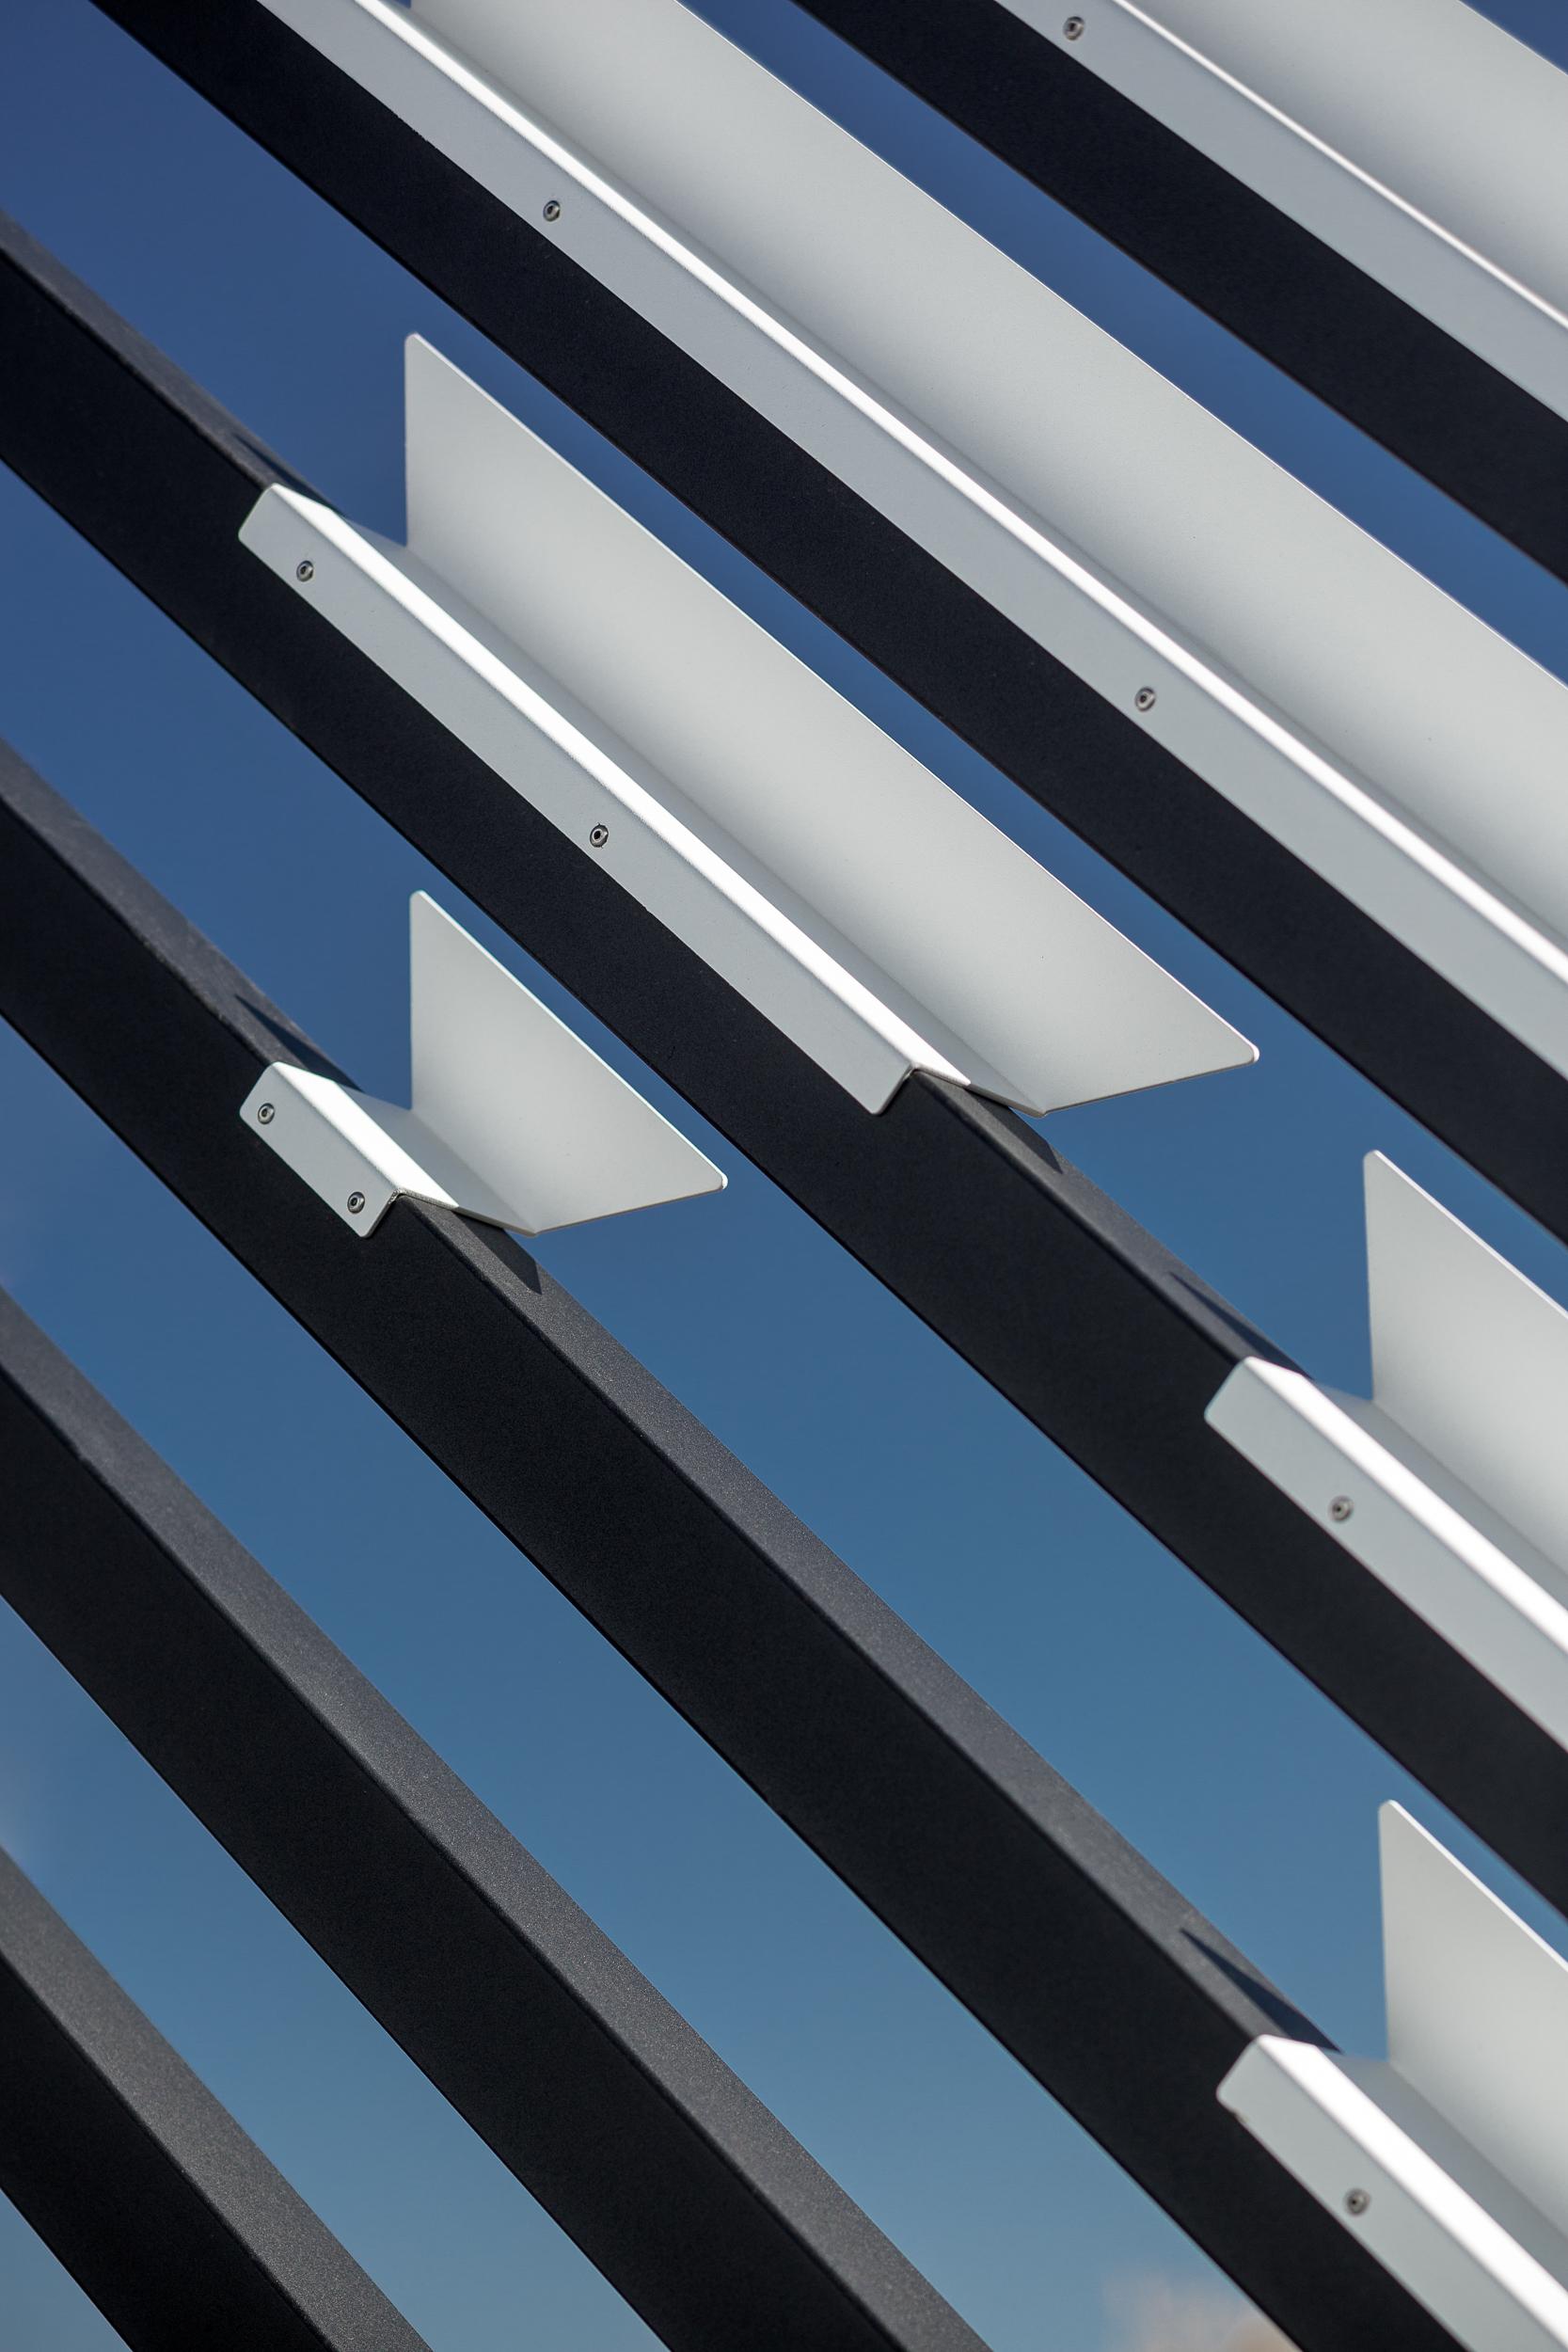 03-Tailwind-signage-JoshPartee-9452.jpg